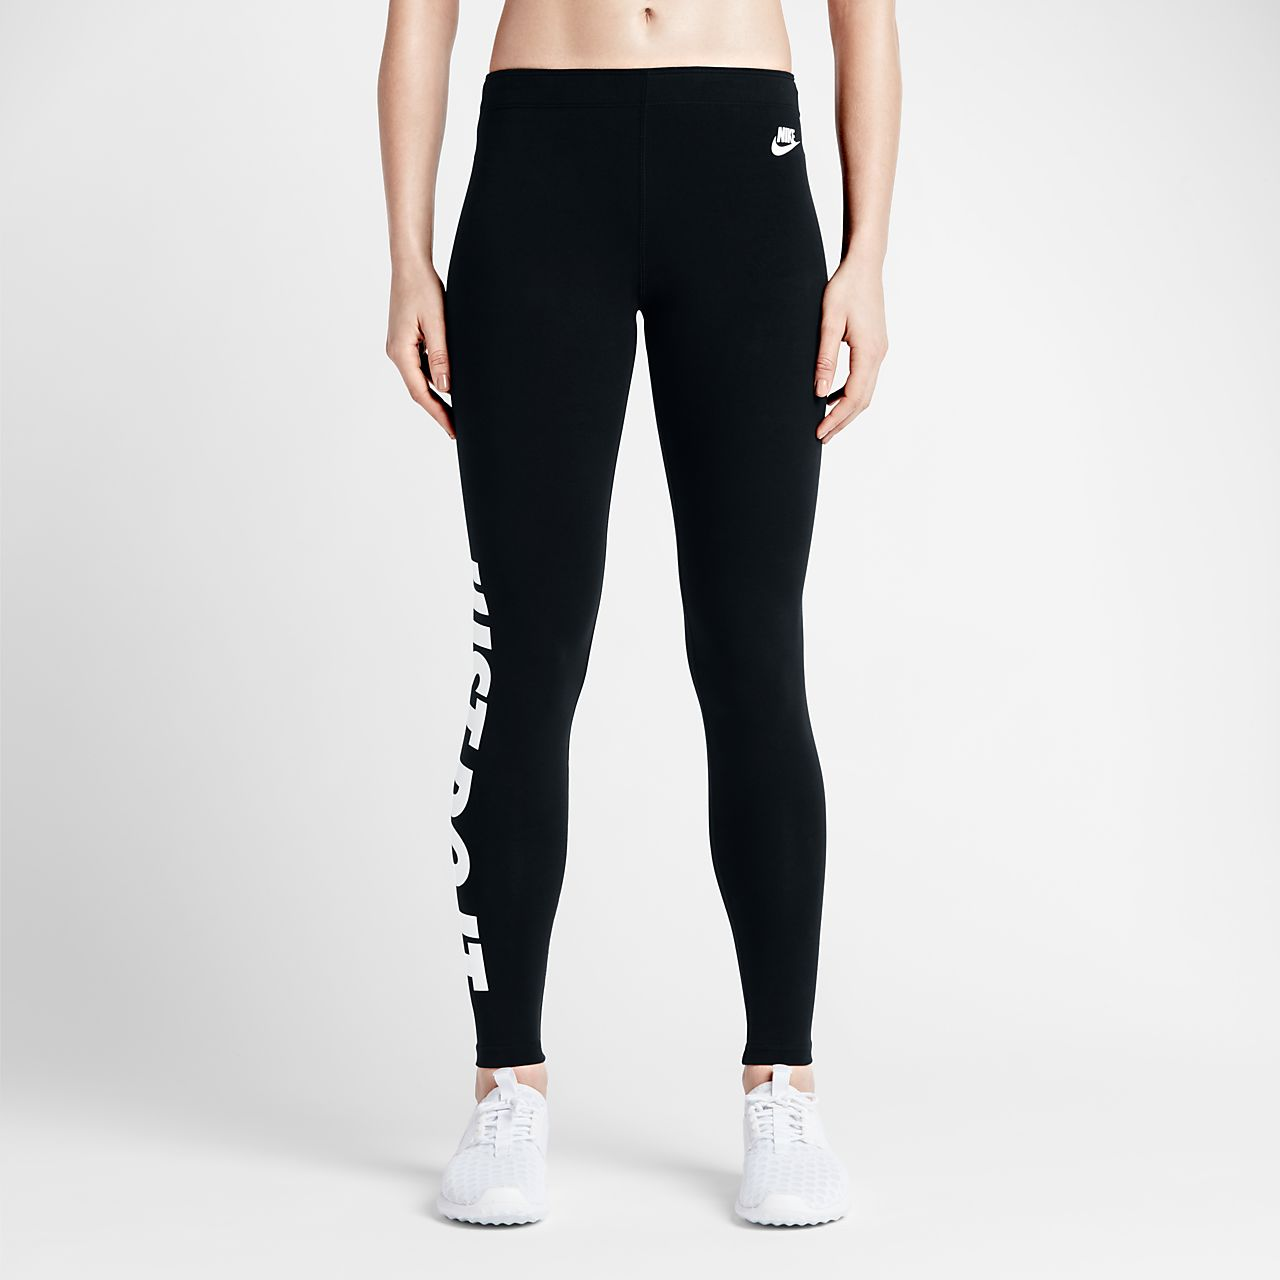 Nike Leg-A-See Just Do It Leggings Girls Black/White